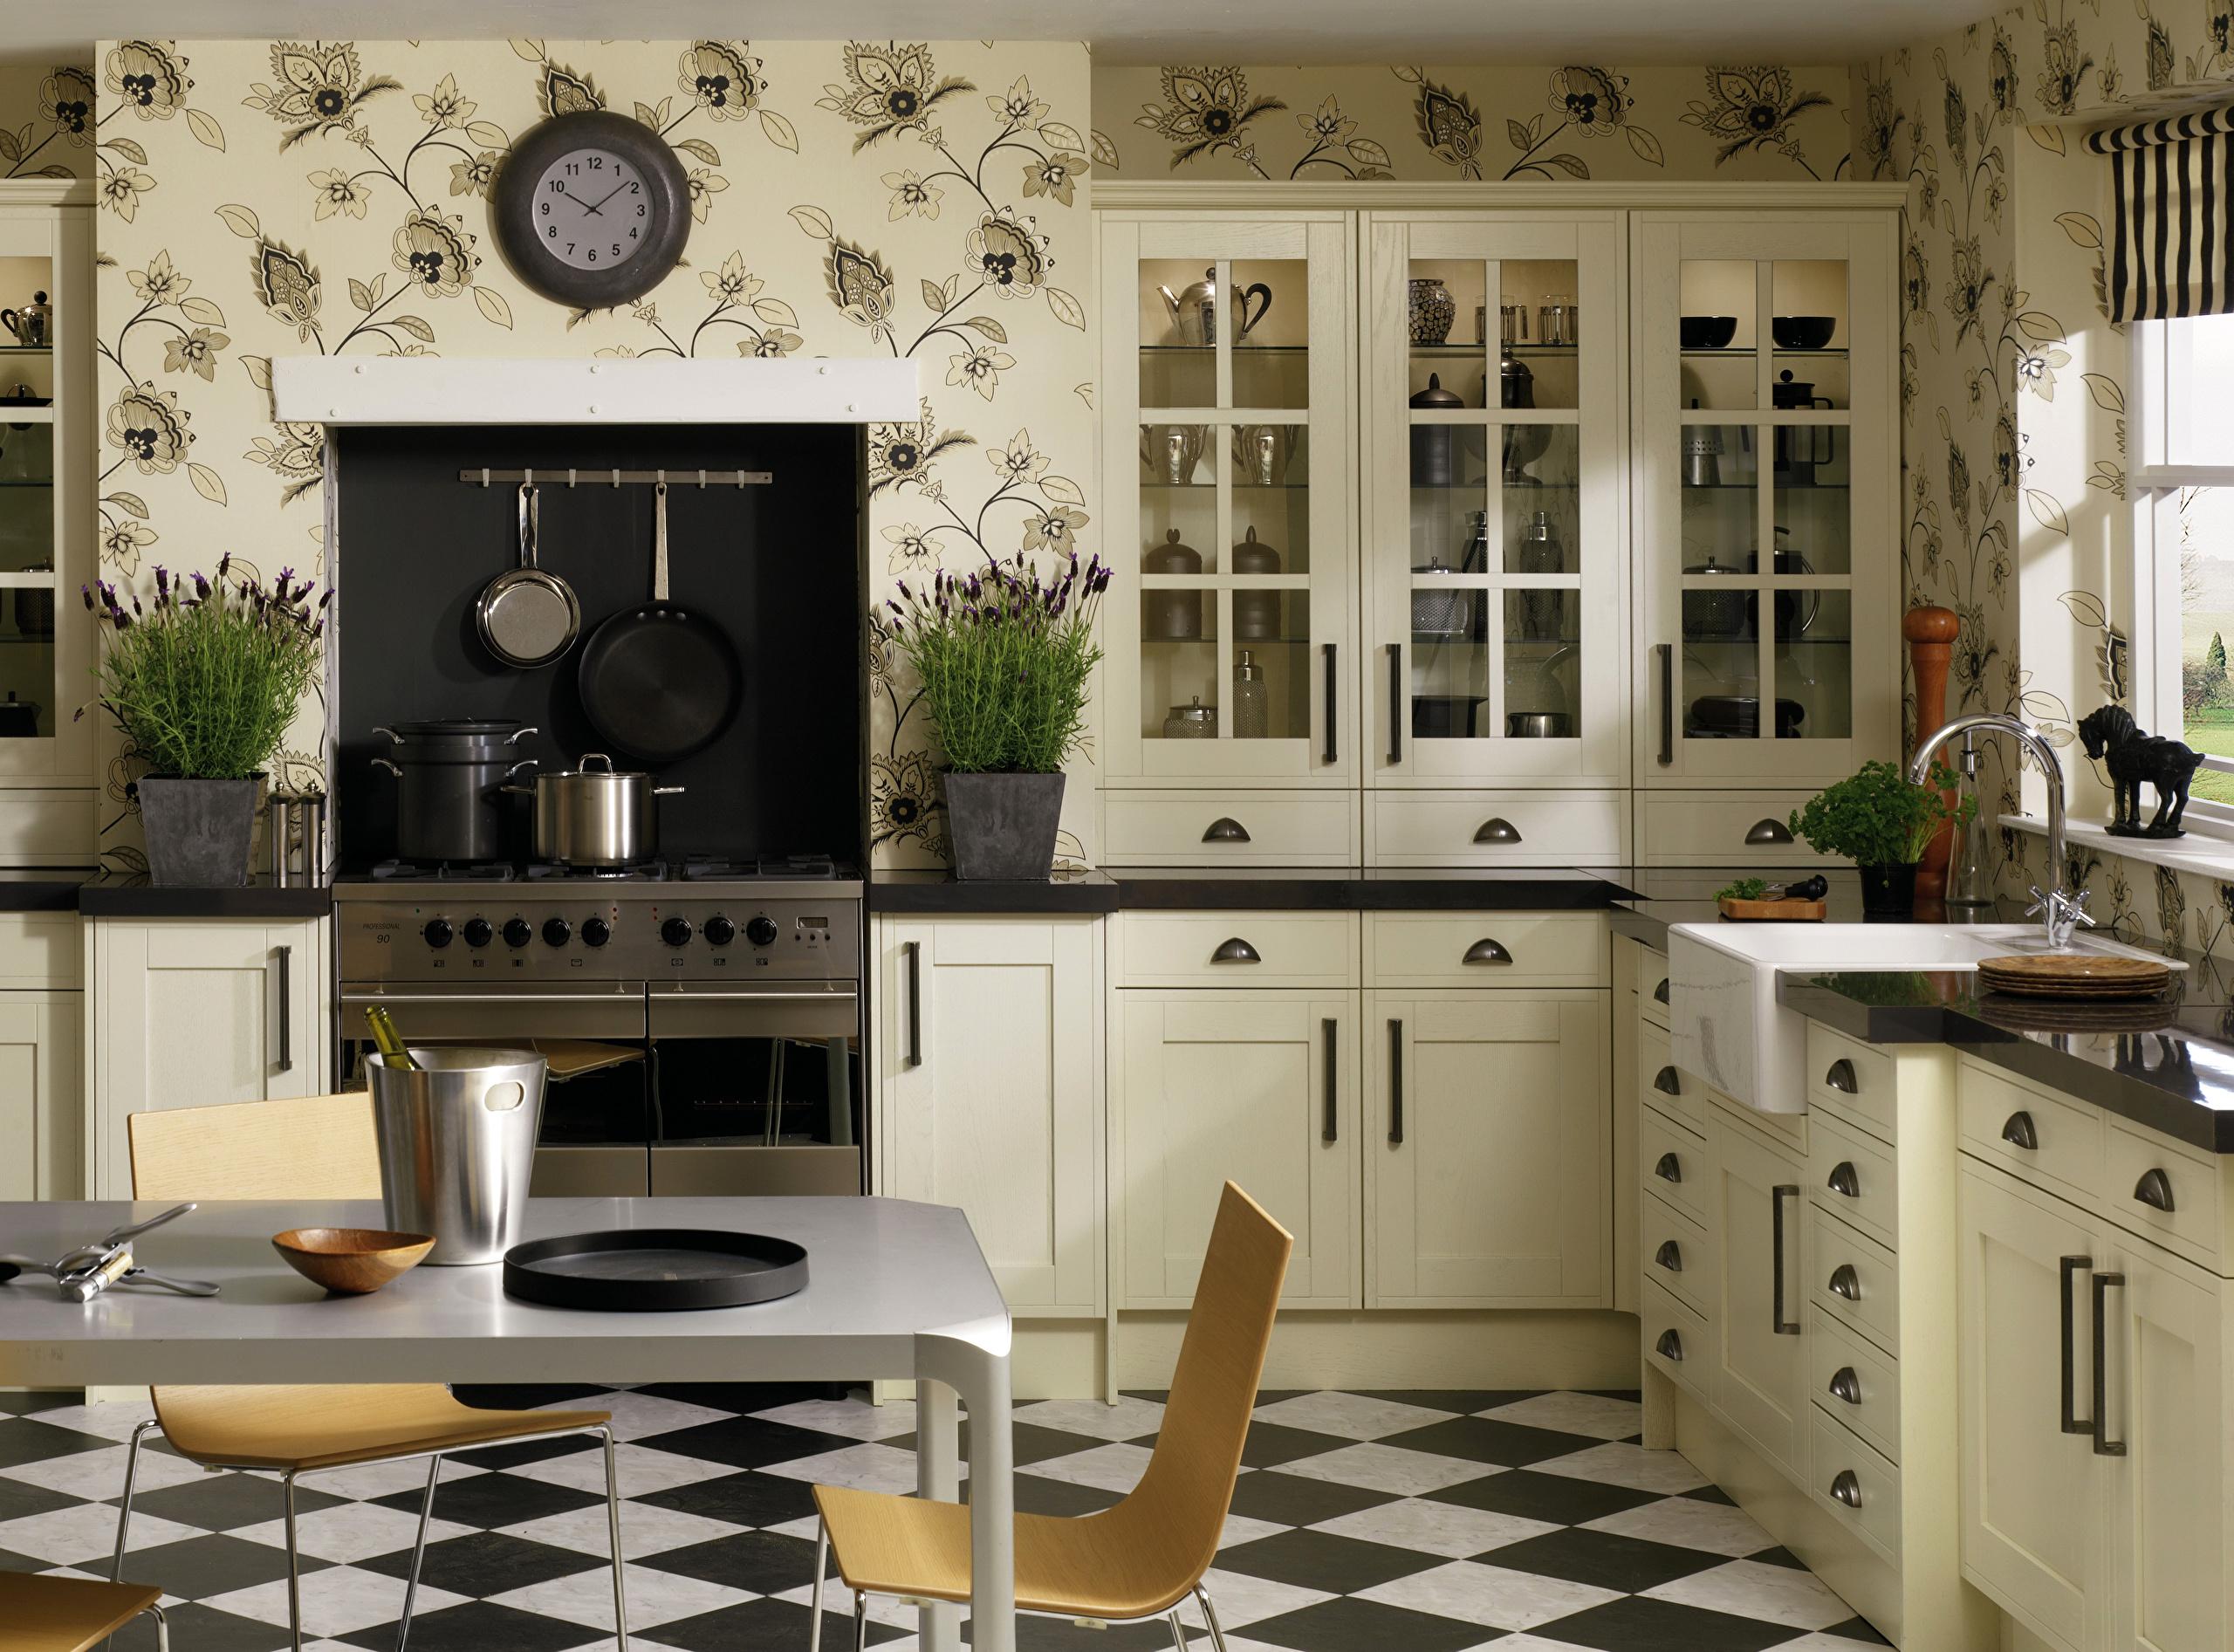 картинки обои для кухни фото над